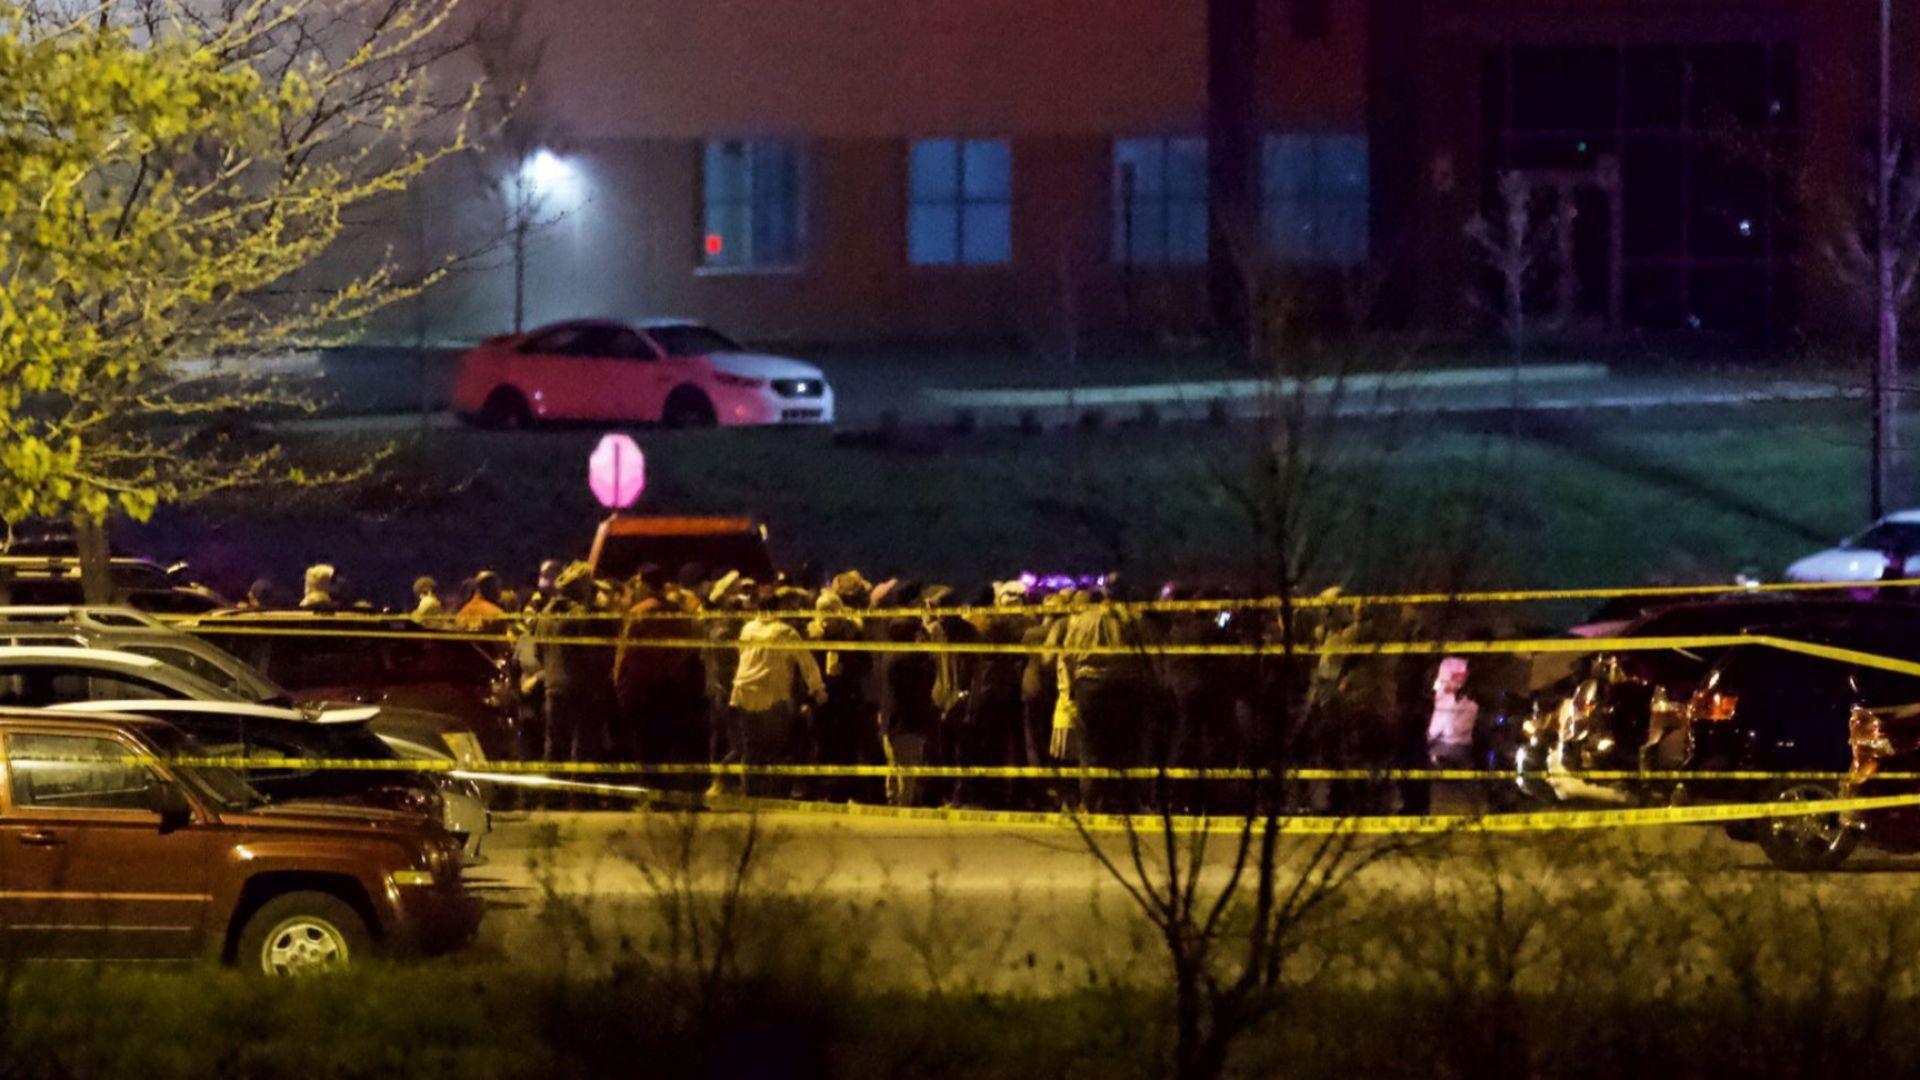 Осем души са убити при масова стрелба в Индианополис, има и ранени  (снимки/видео)